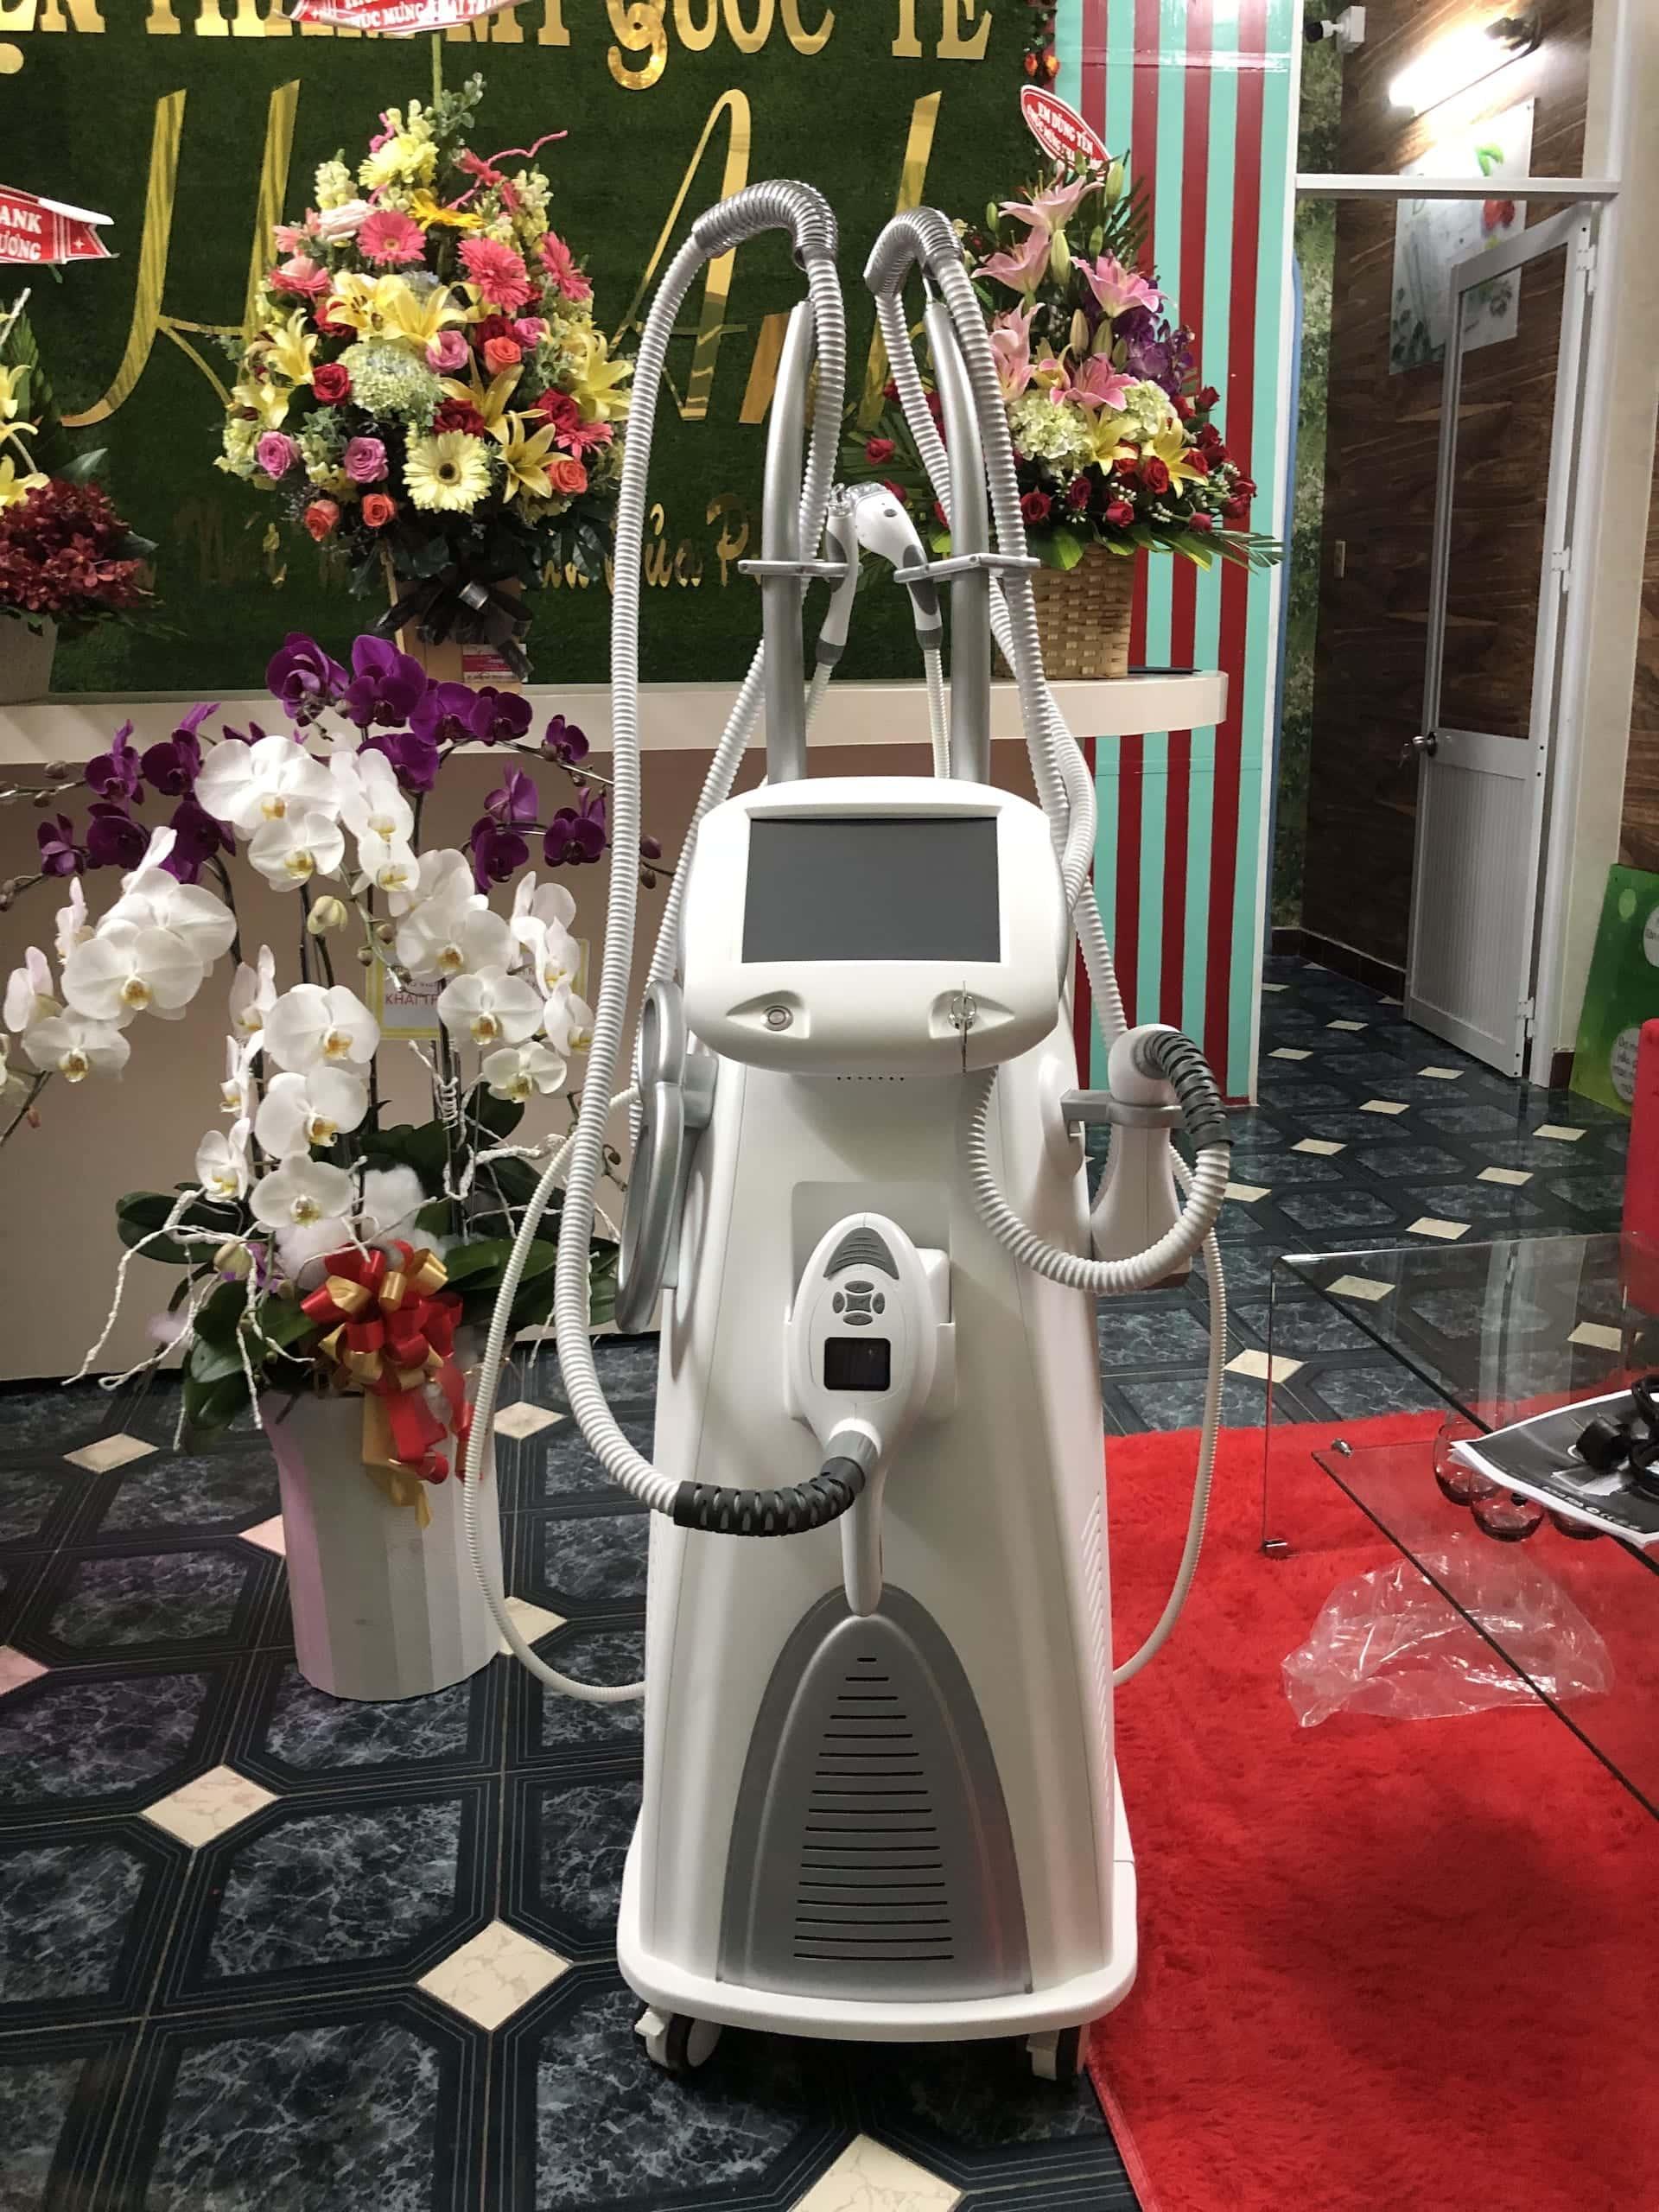 Máy giảm béo chính hãng Med 360 | HANAKBN.COM